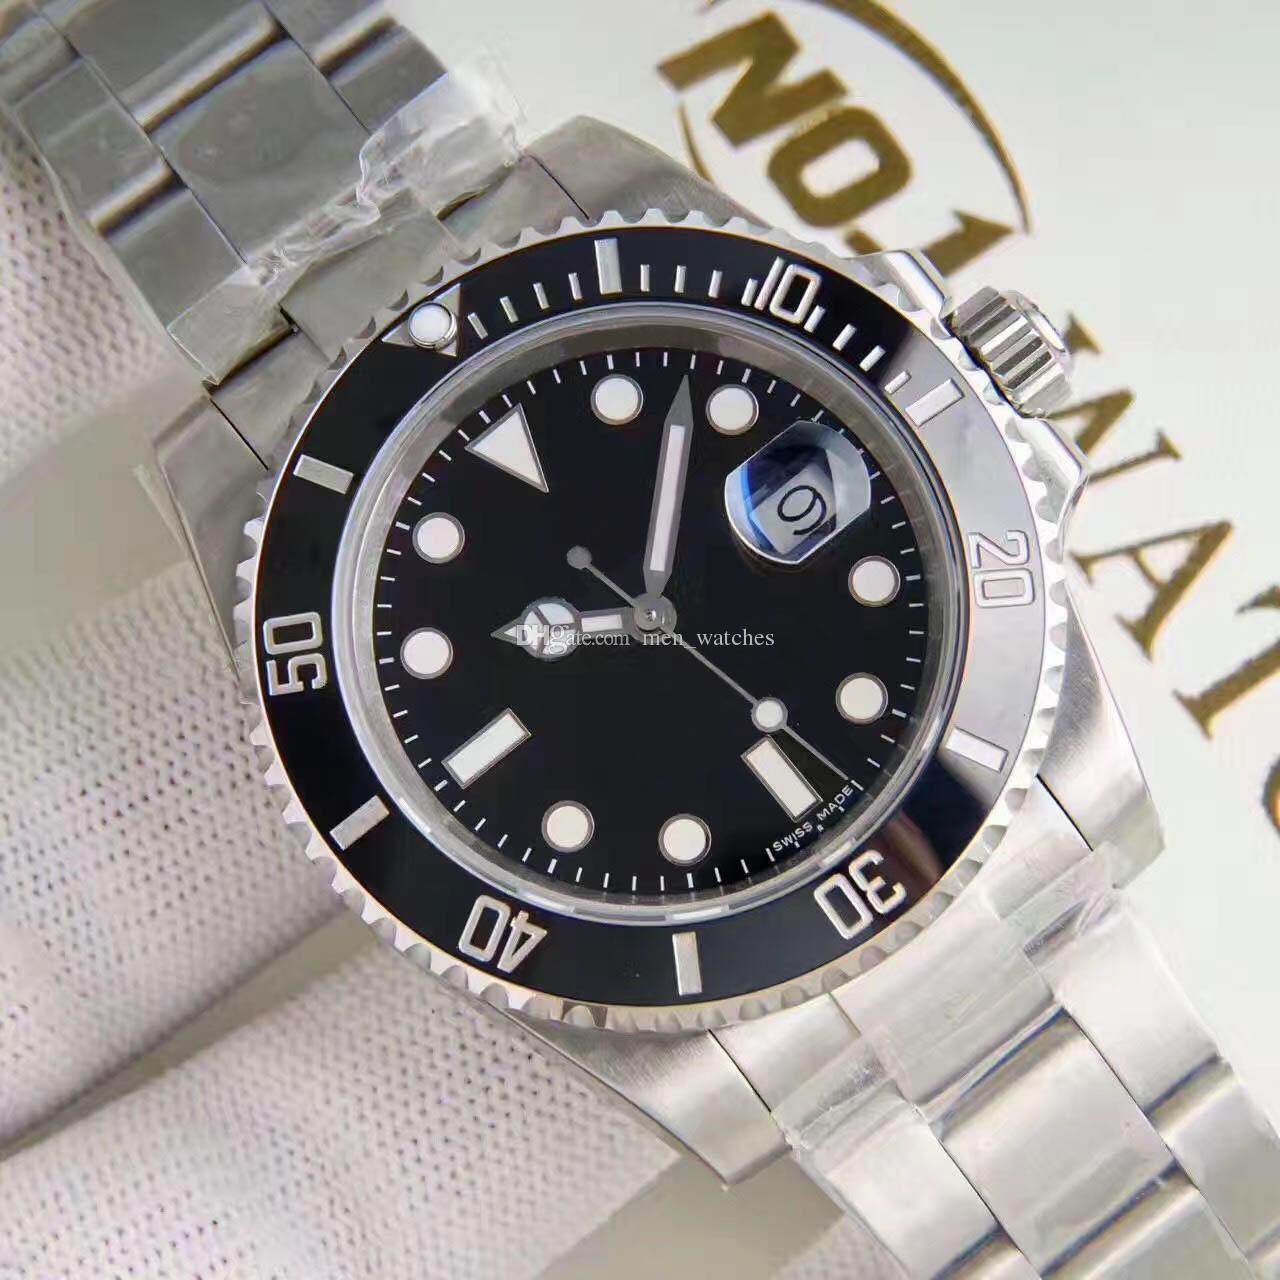 디럭스 망 자동 기계 남성 시계 40mm 2813 운동 세라믹 베젤 116610 모델 스테인레스 스틸 사파이어 시계 시계 시계